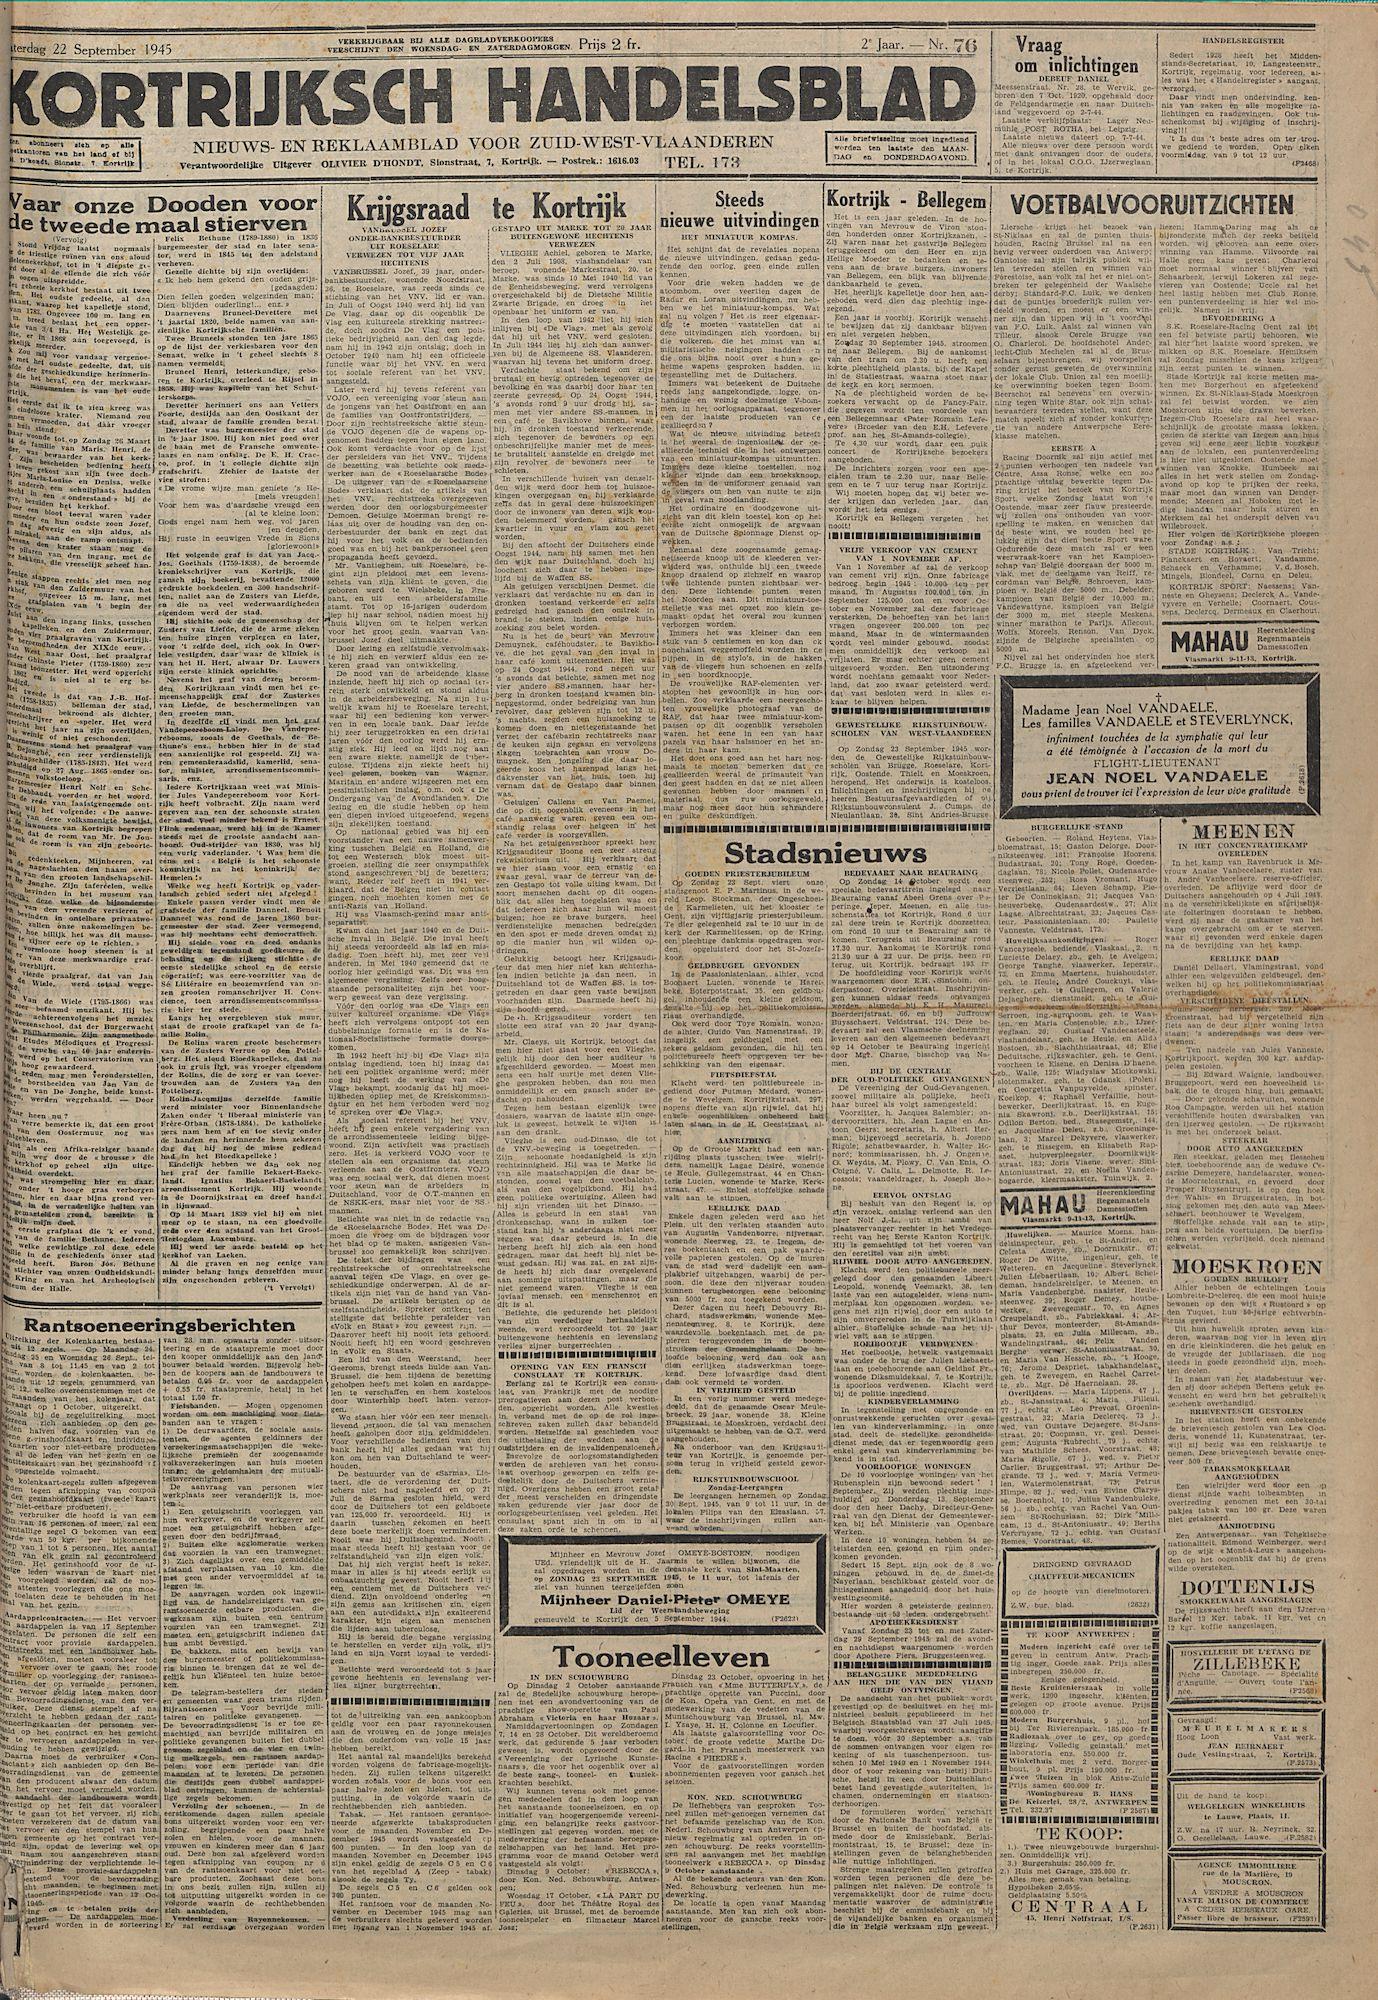 Kortrijksch Handelsblad 22 september 1945 Nr76 p1